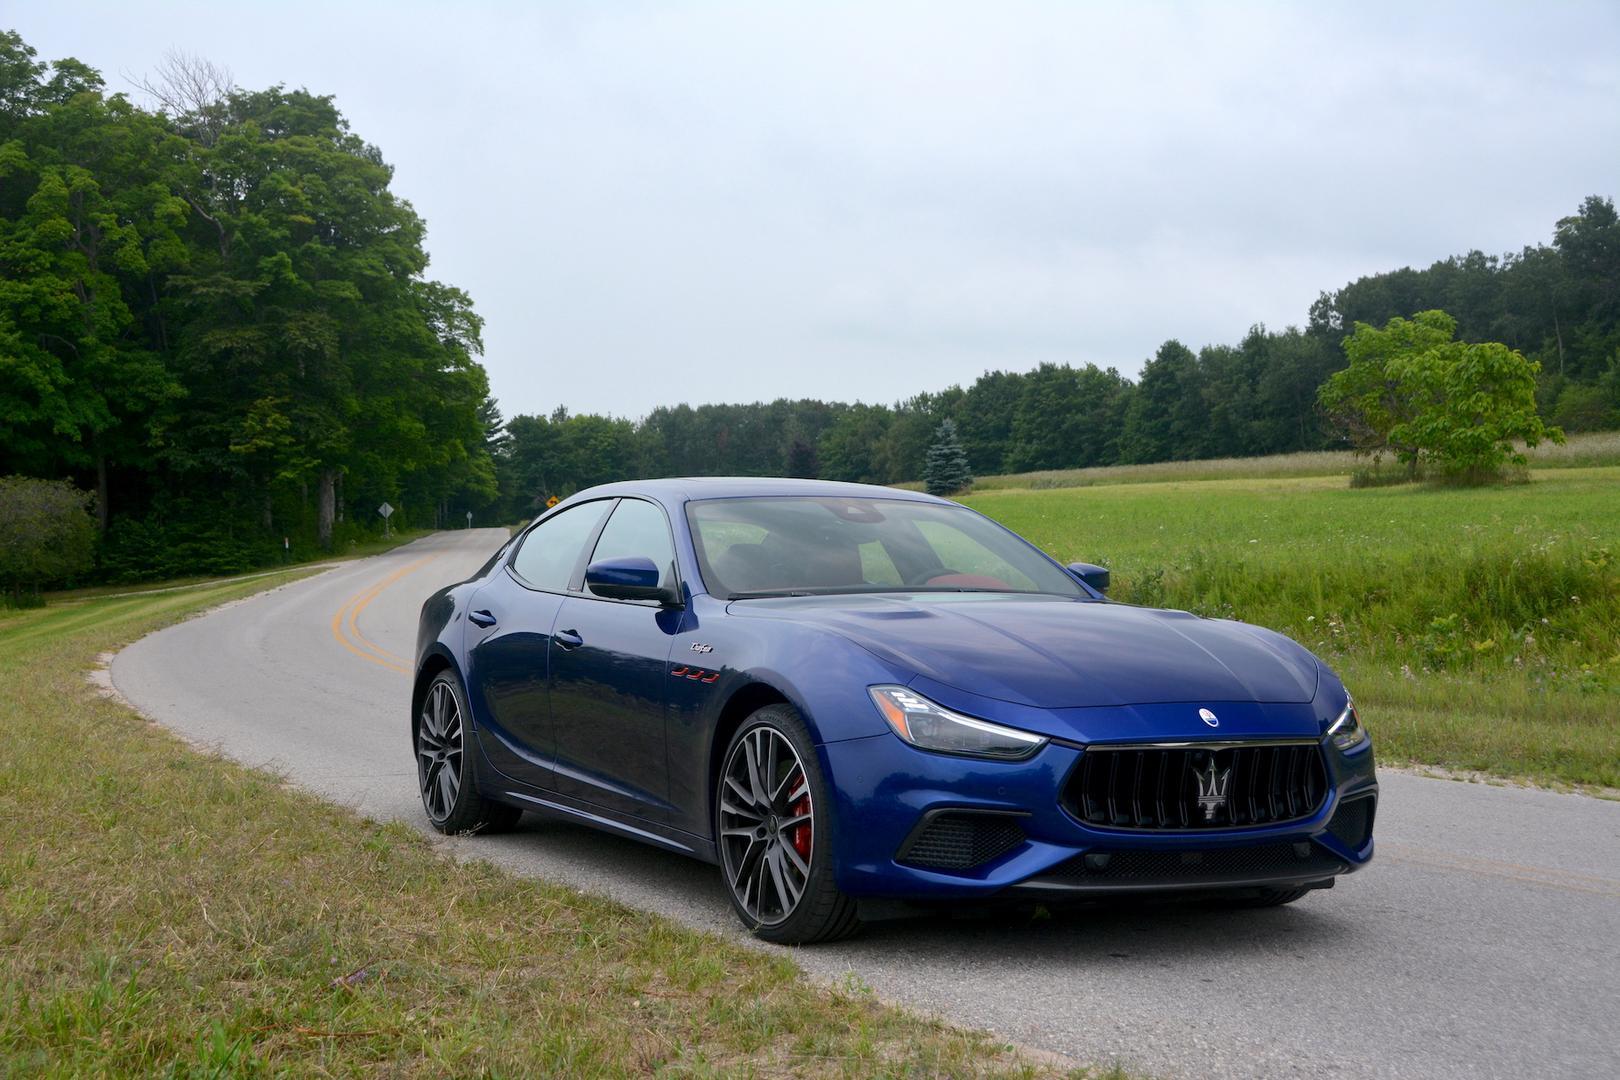 Maserati Ghibli Trofeo price